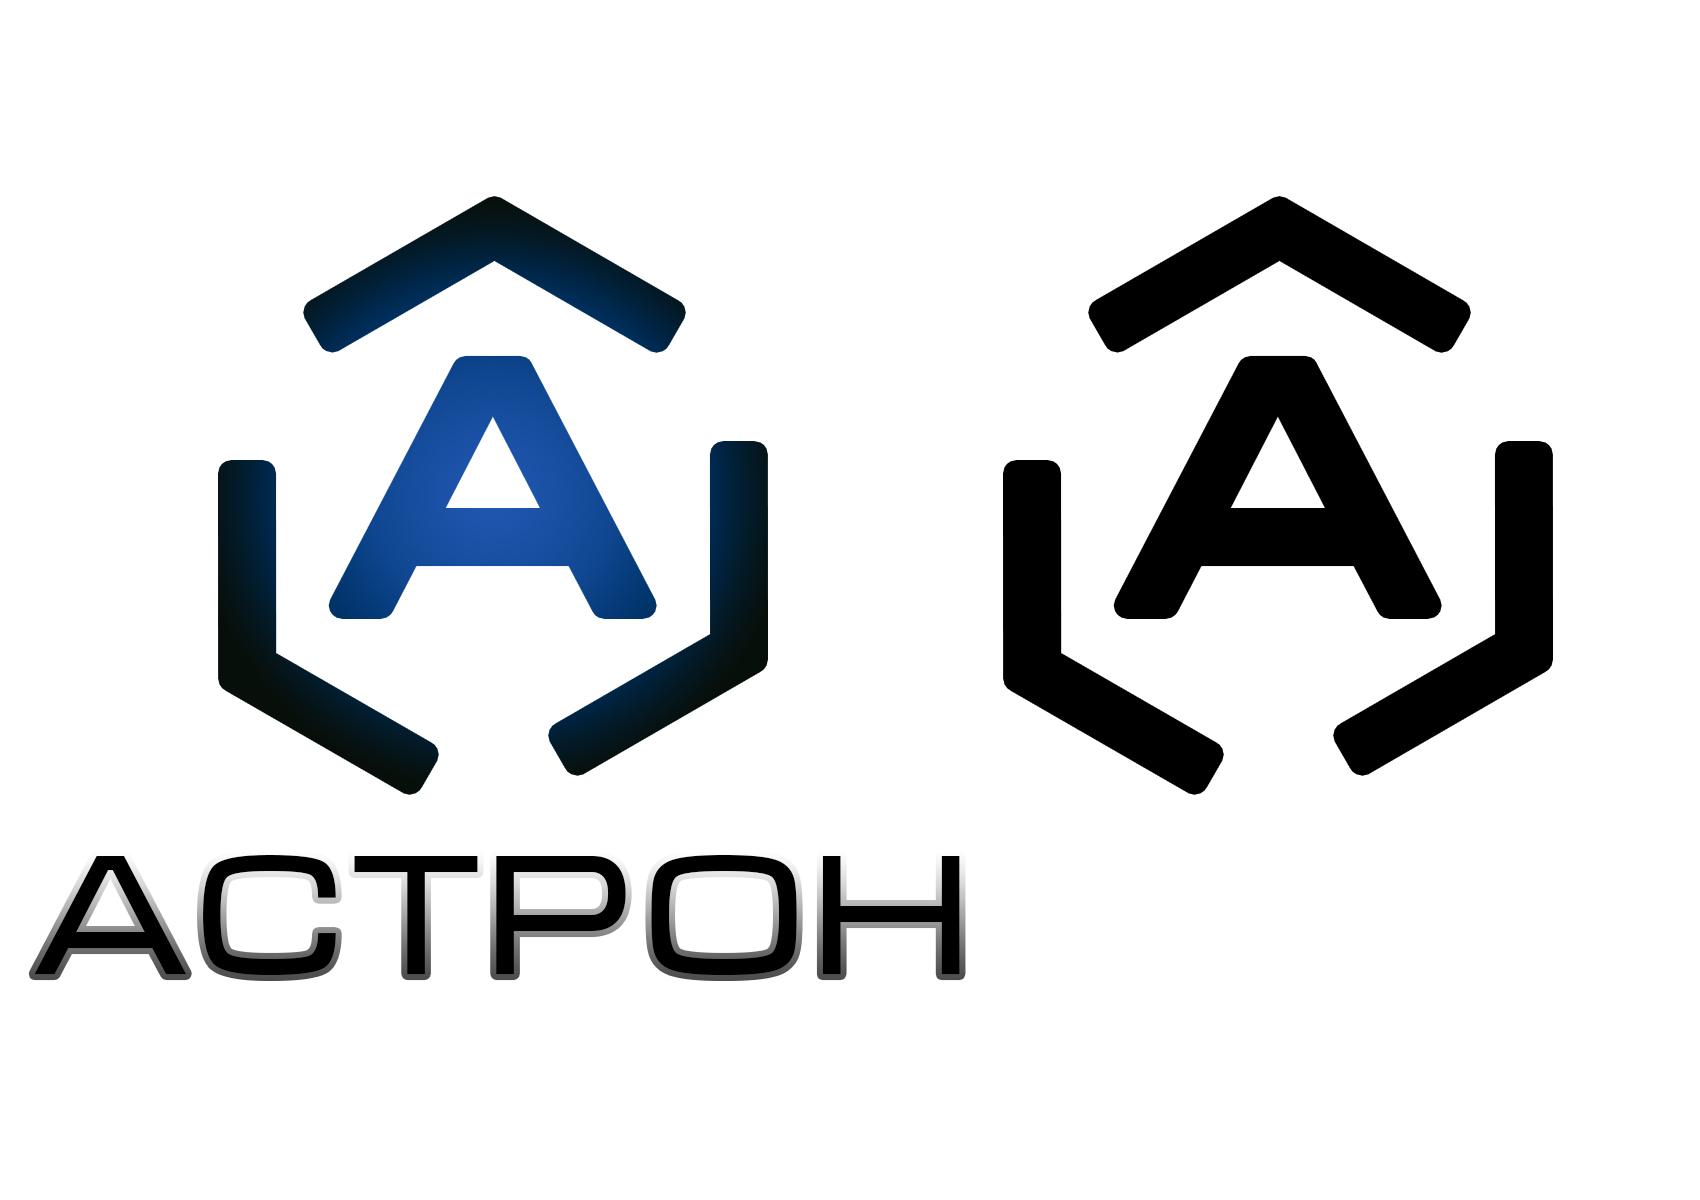 Товарный знак оптоэлектронного предприятия фото f_57453fa1aa72b6ba.jpg